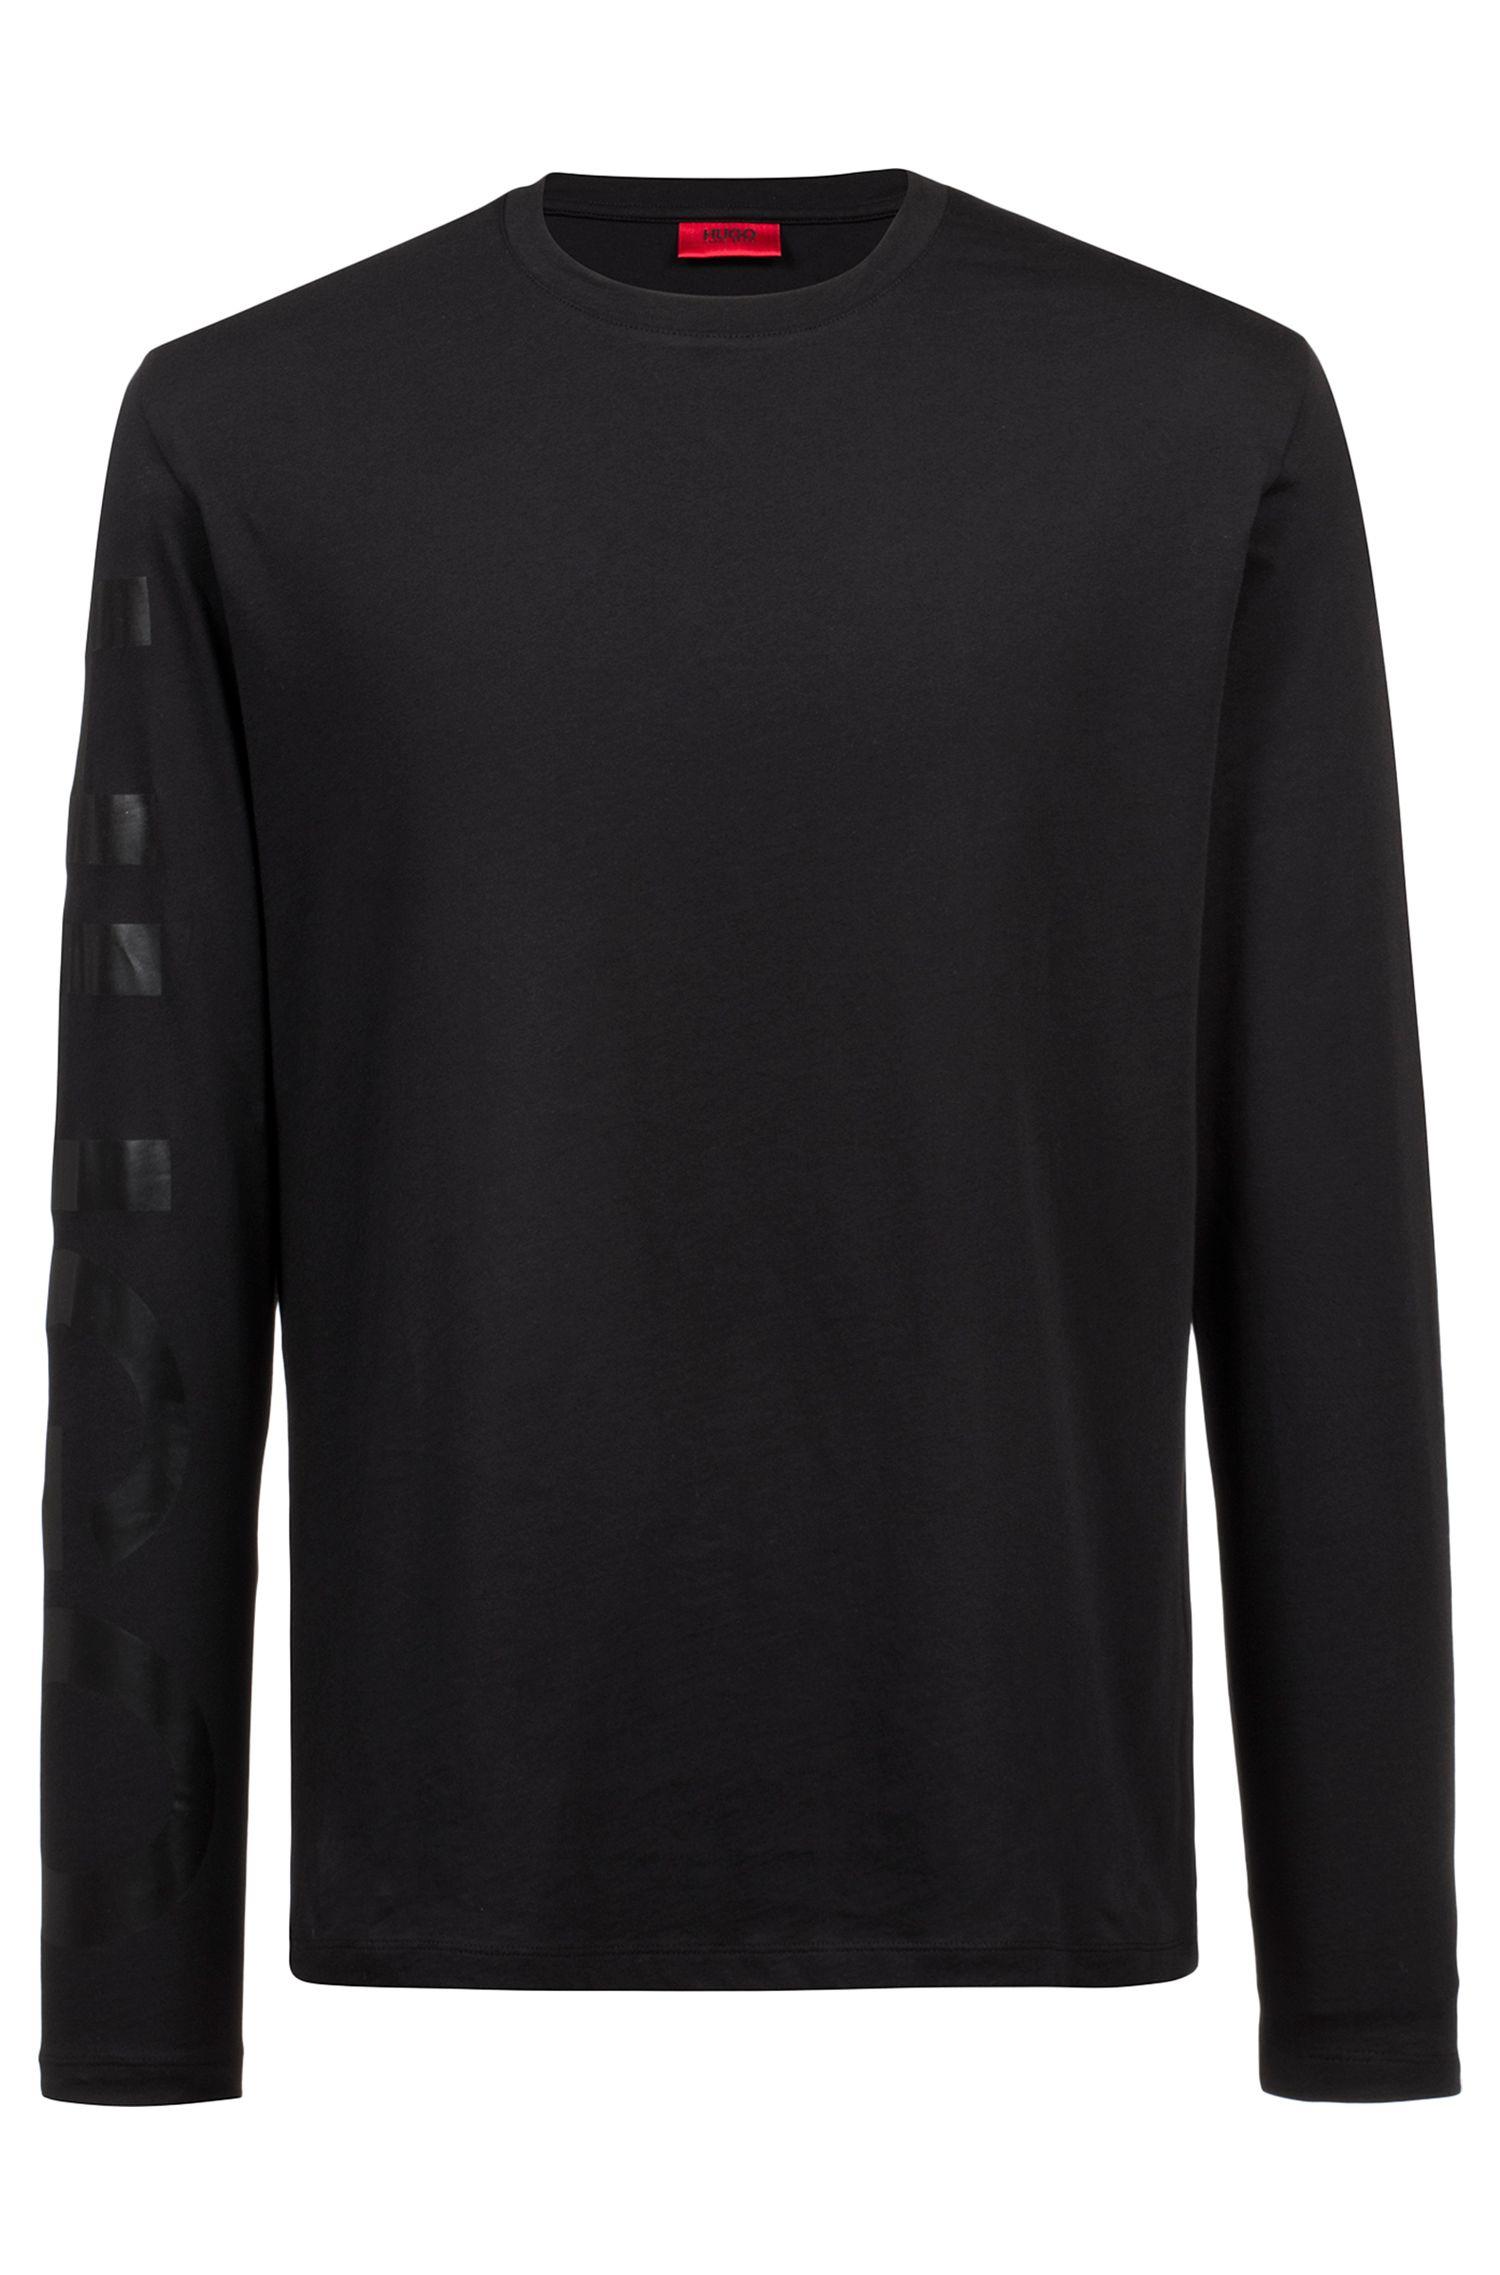 T-shirt oversize in cotone con grande logo sulla manica, Nero